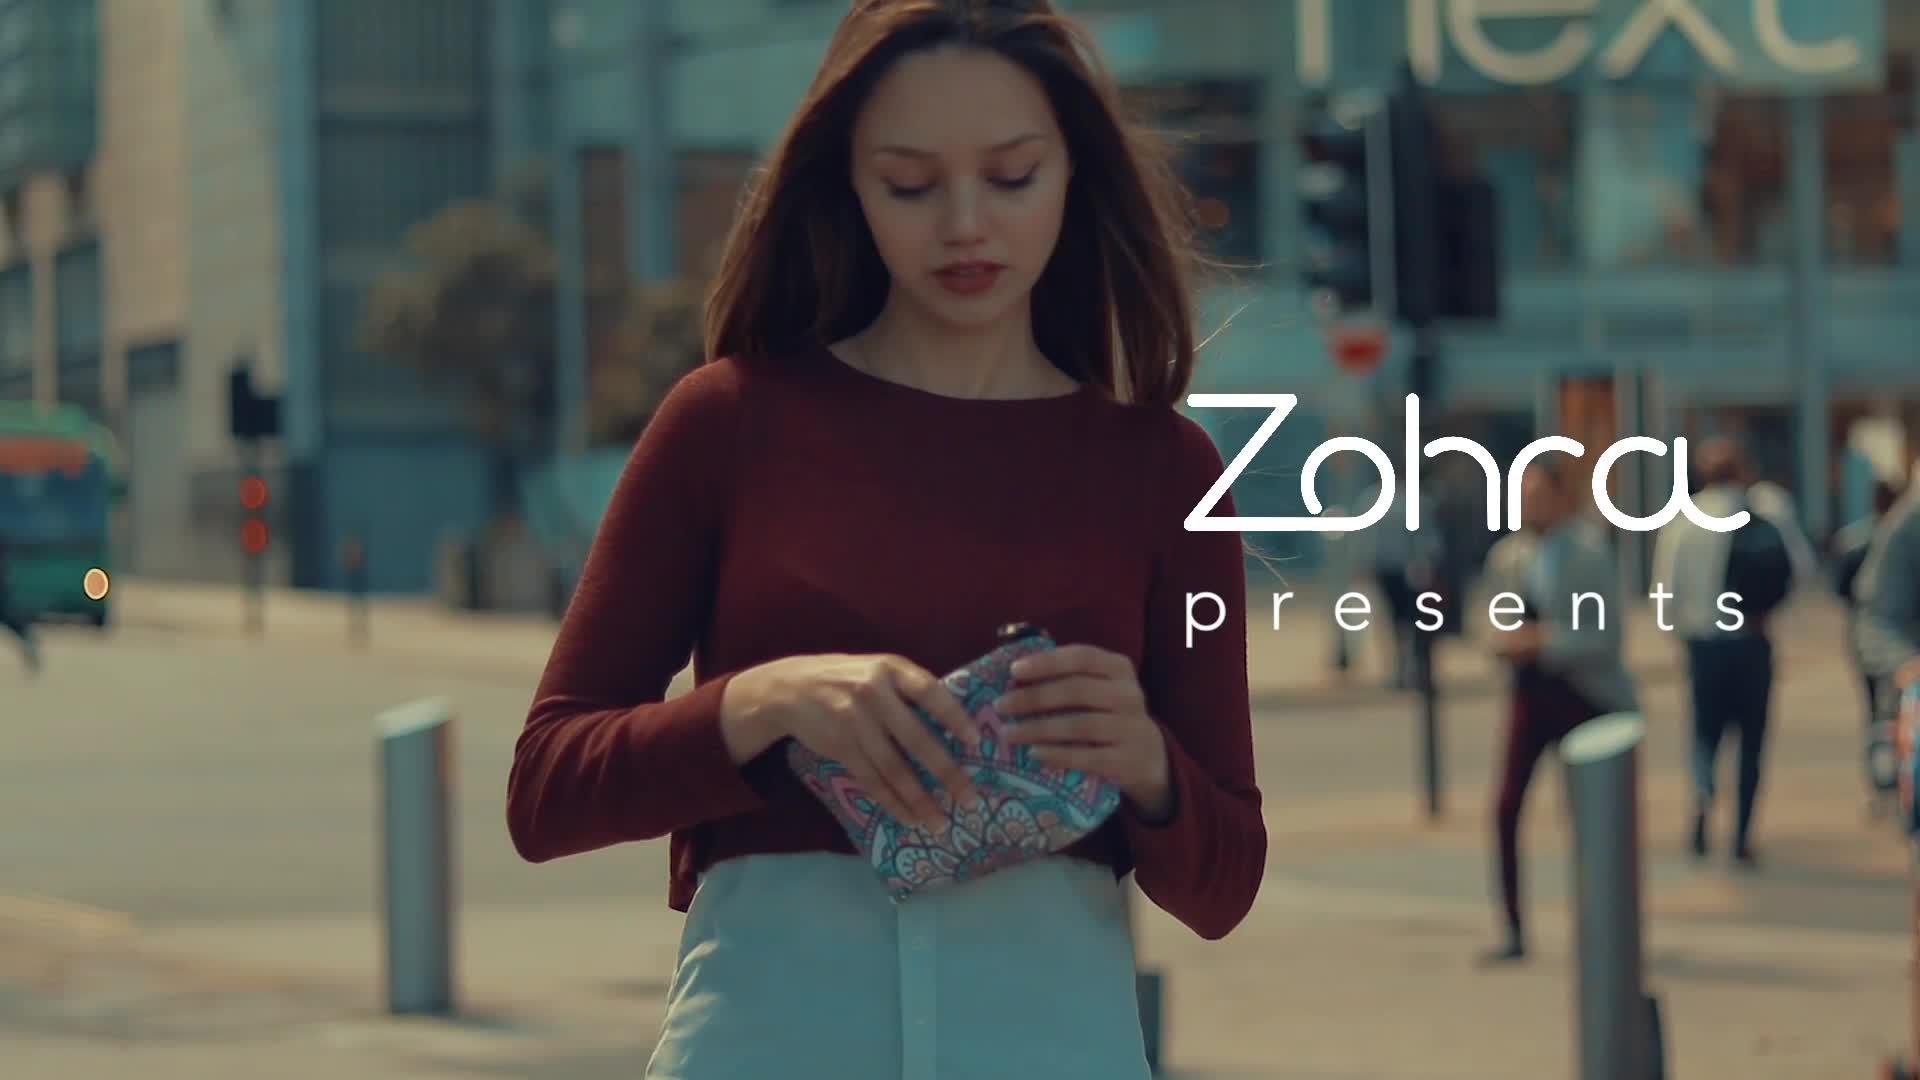 Zohra नई आगमन उच्च गुणवत्ता महिलाओं 3D मुद्रण मेकअप बैग कॉस्मेटिक मामले 35490 के लिए जो देखभाल